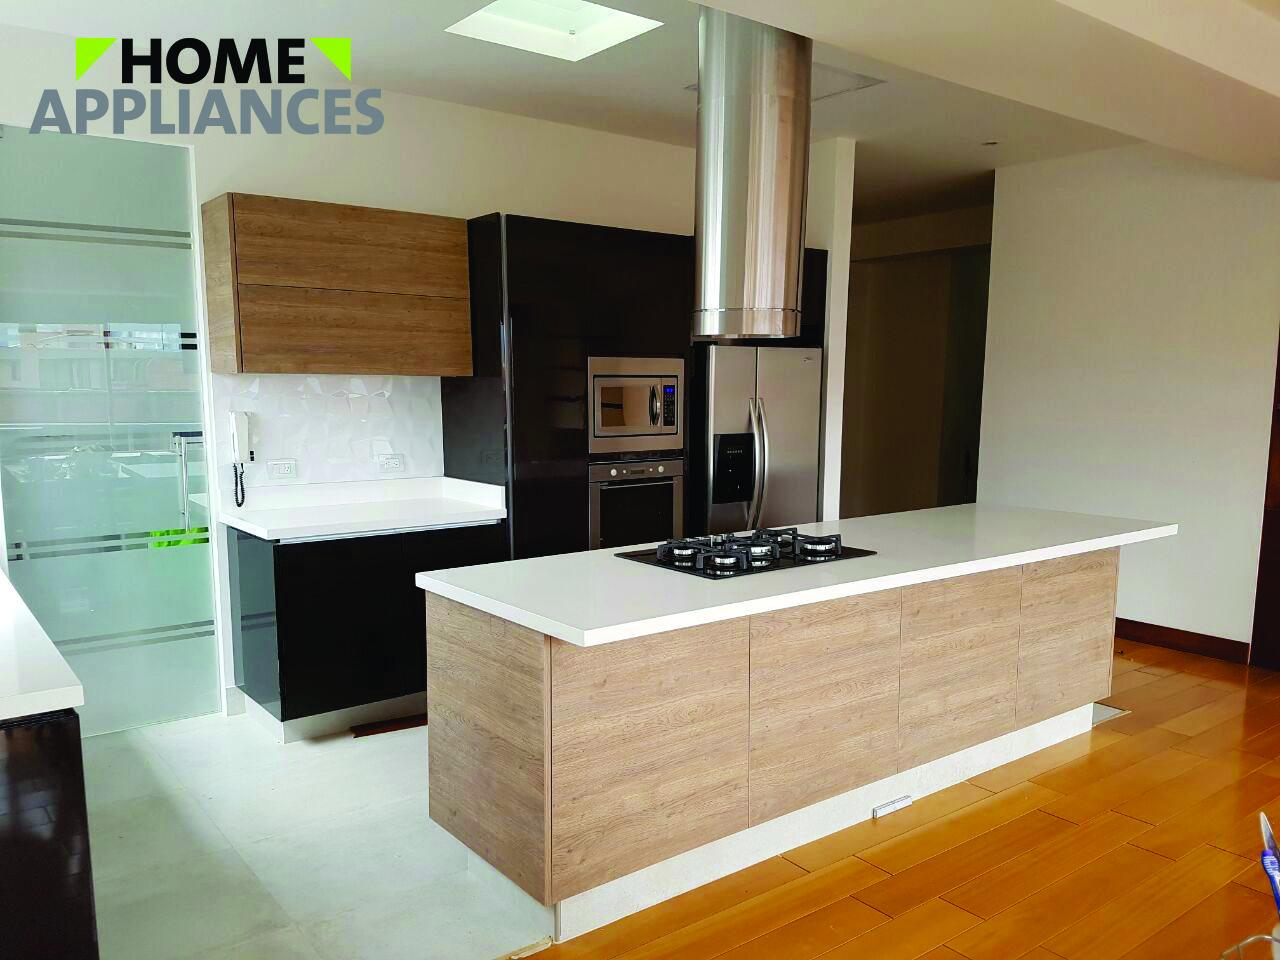 Diseño de cocinas modernas #Diseño #cocinas #modernas #kitchen ...